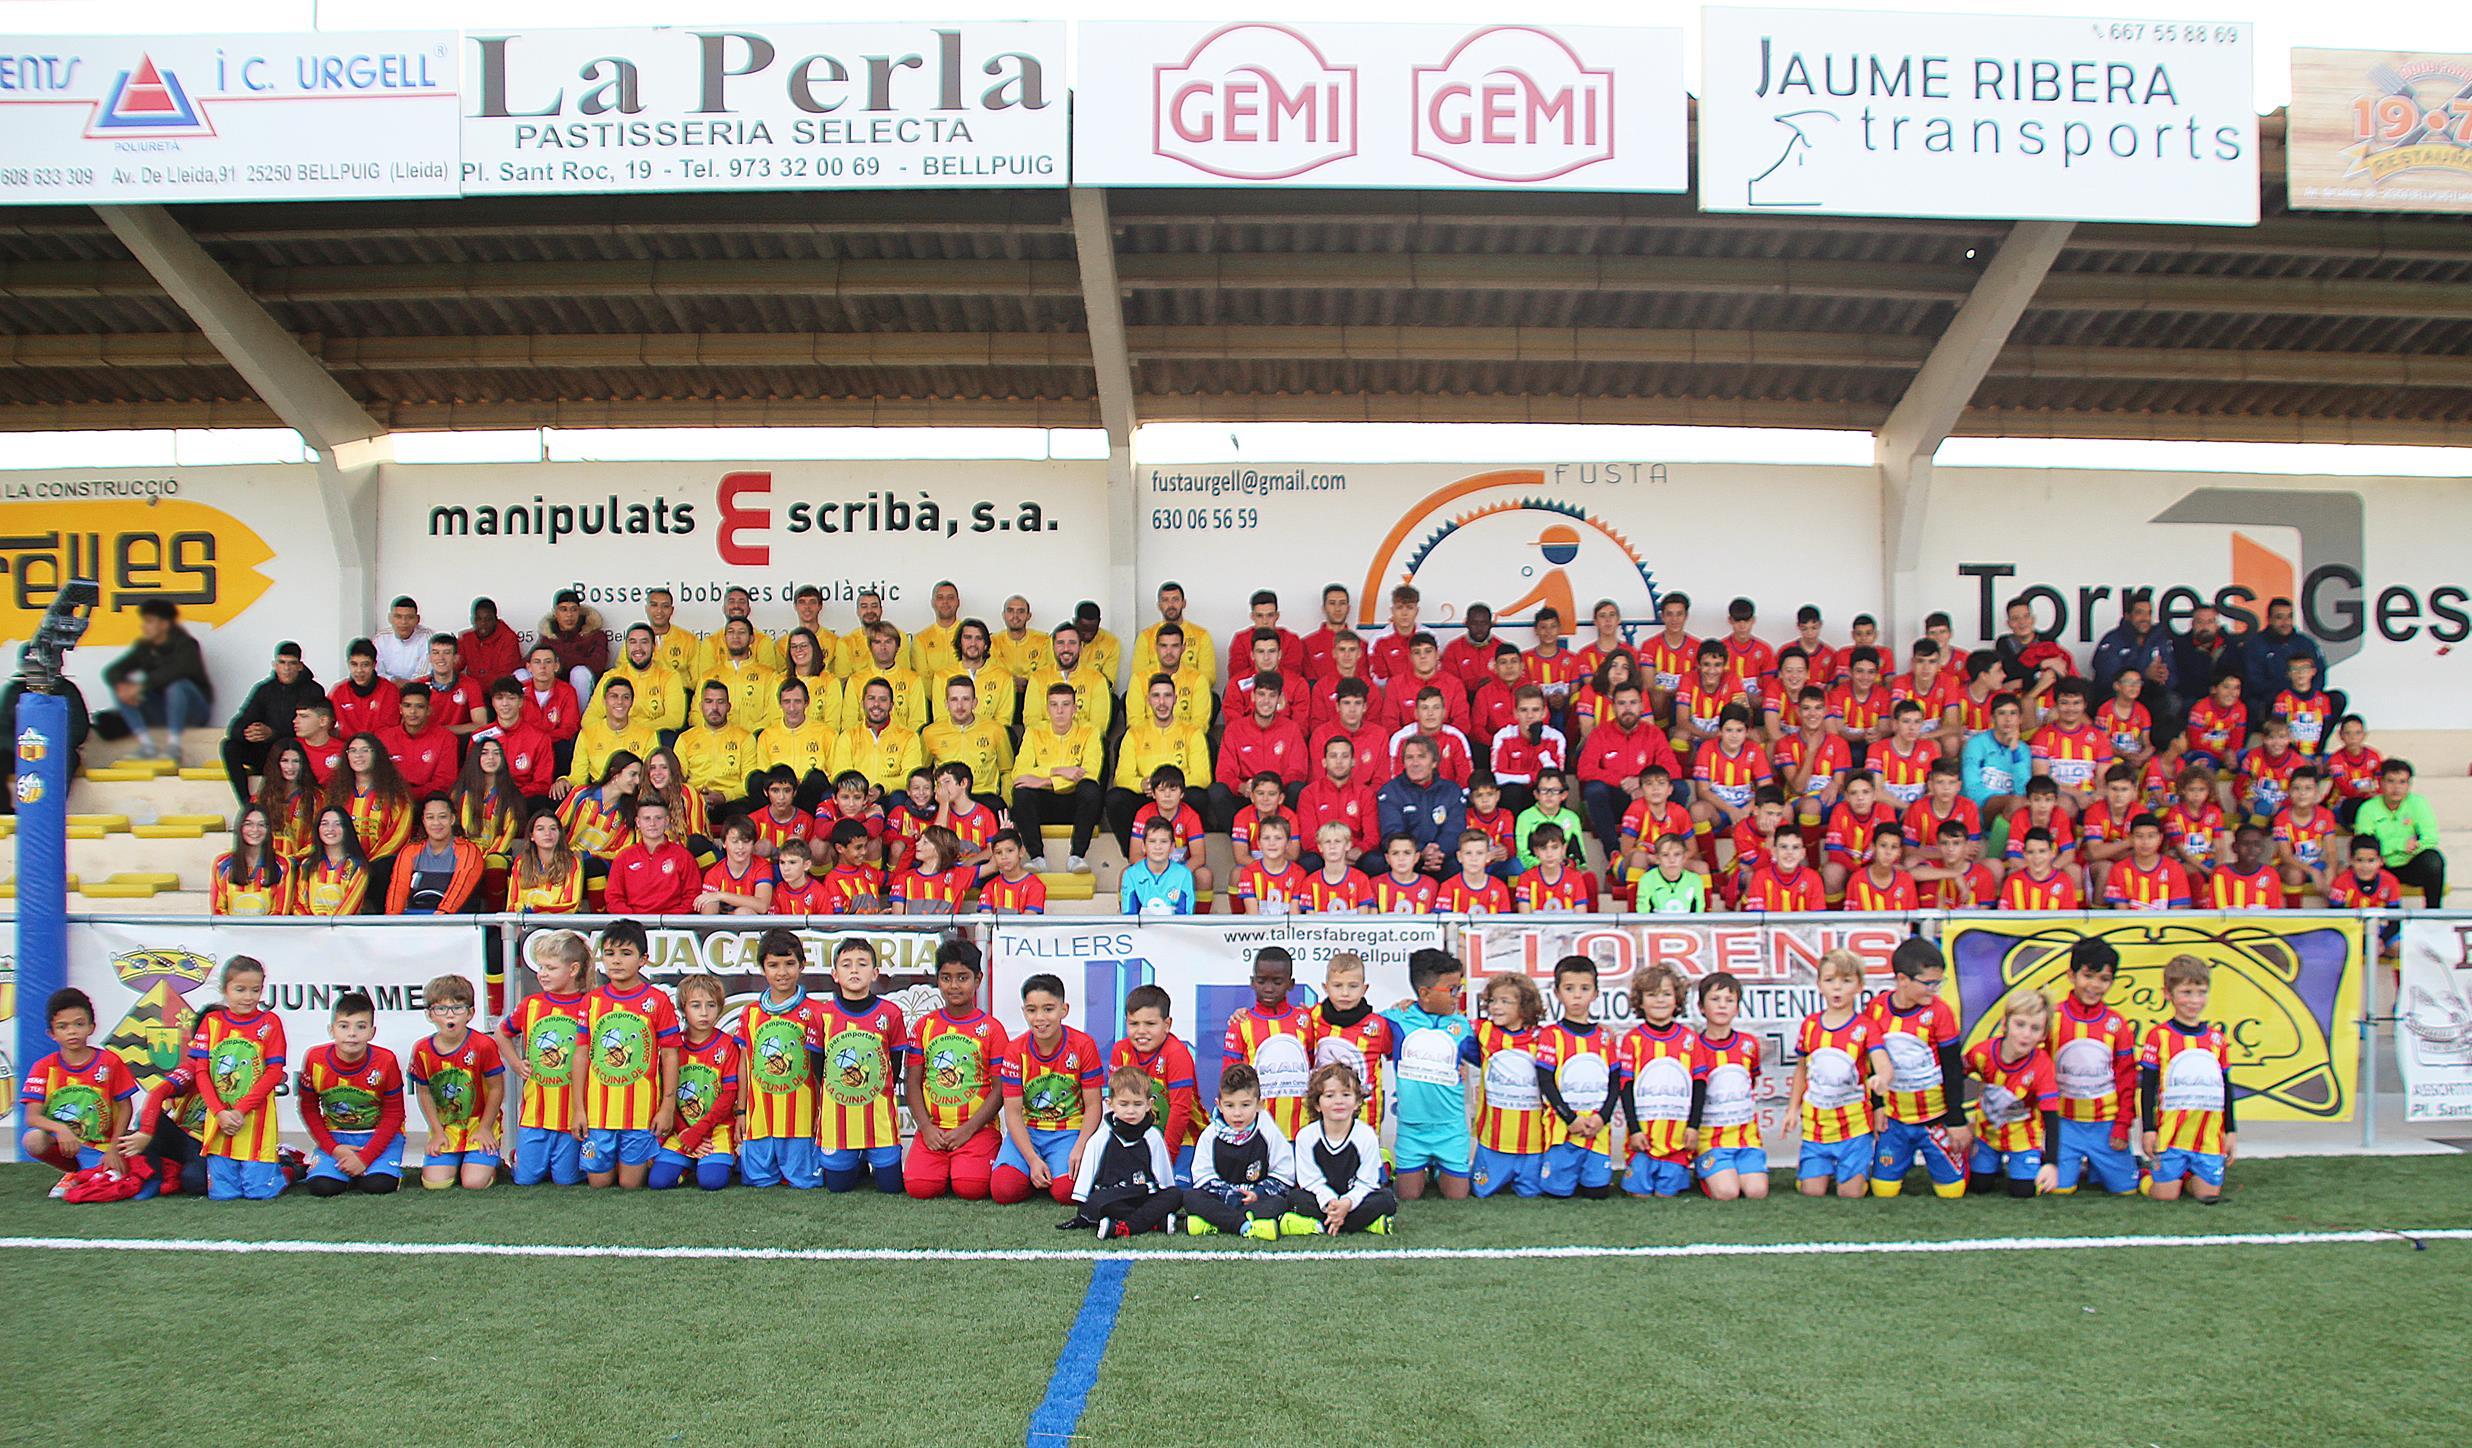 Presenten  els equips de futbol de Bellpuig  de la temporada 2019-2020